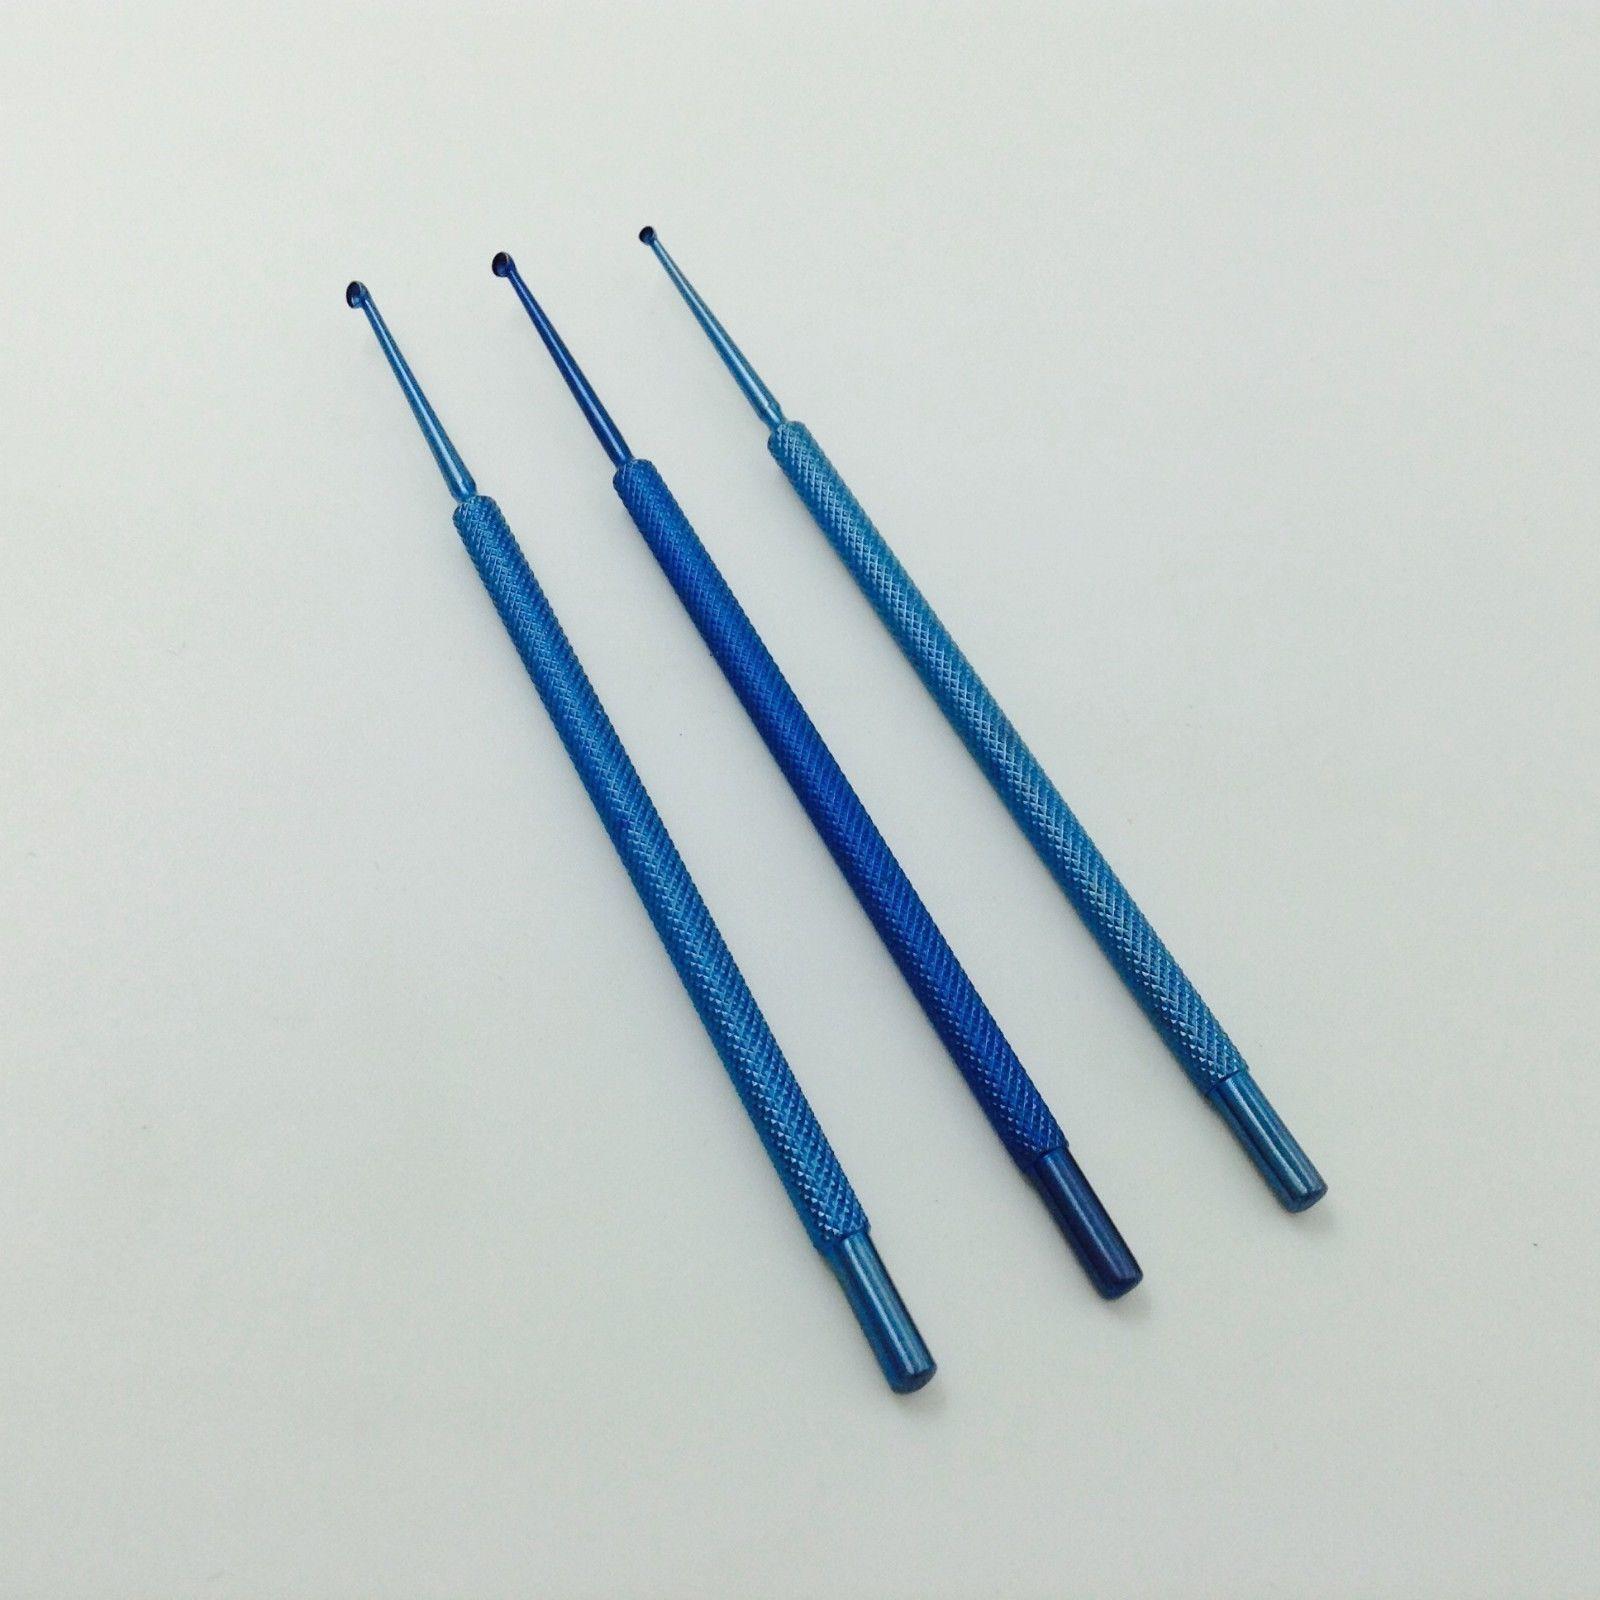 BEST 3PCS Titanium Chalazion Curettes Micro ophthalmic eye surgical instrumentBEST 3PCS Titanium Chalazion Curettes Micro ophthalmic eye surgical instrument